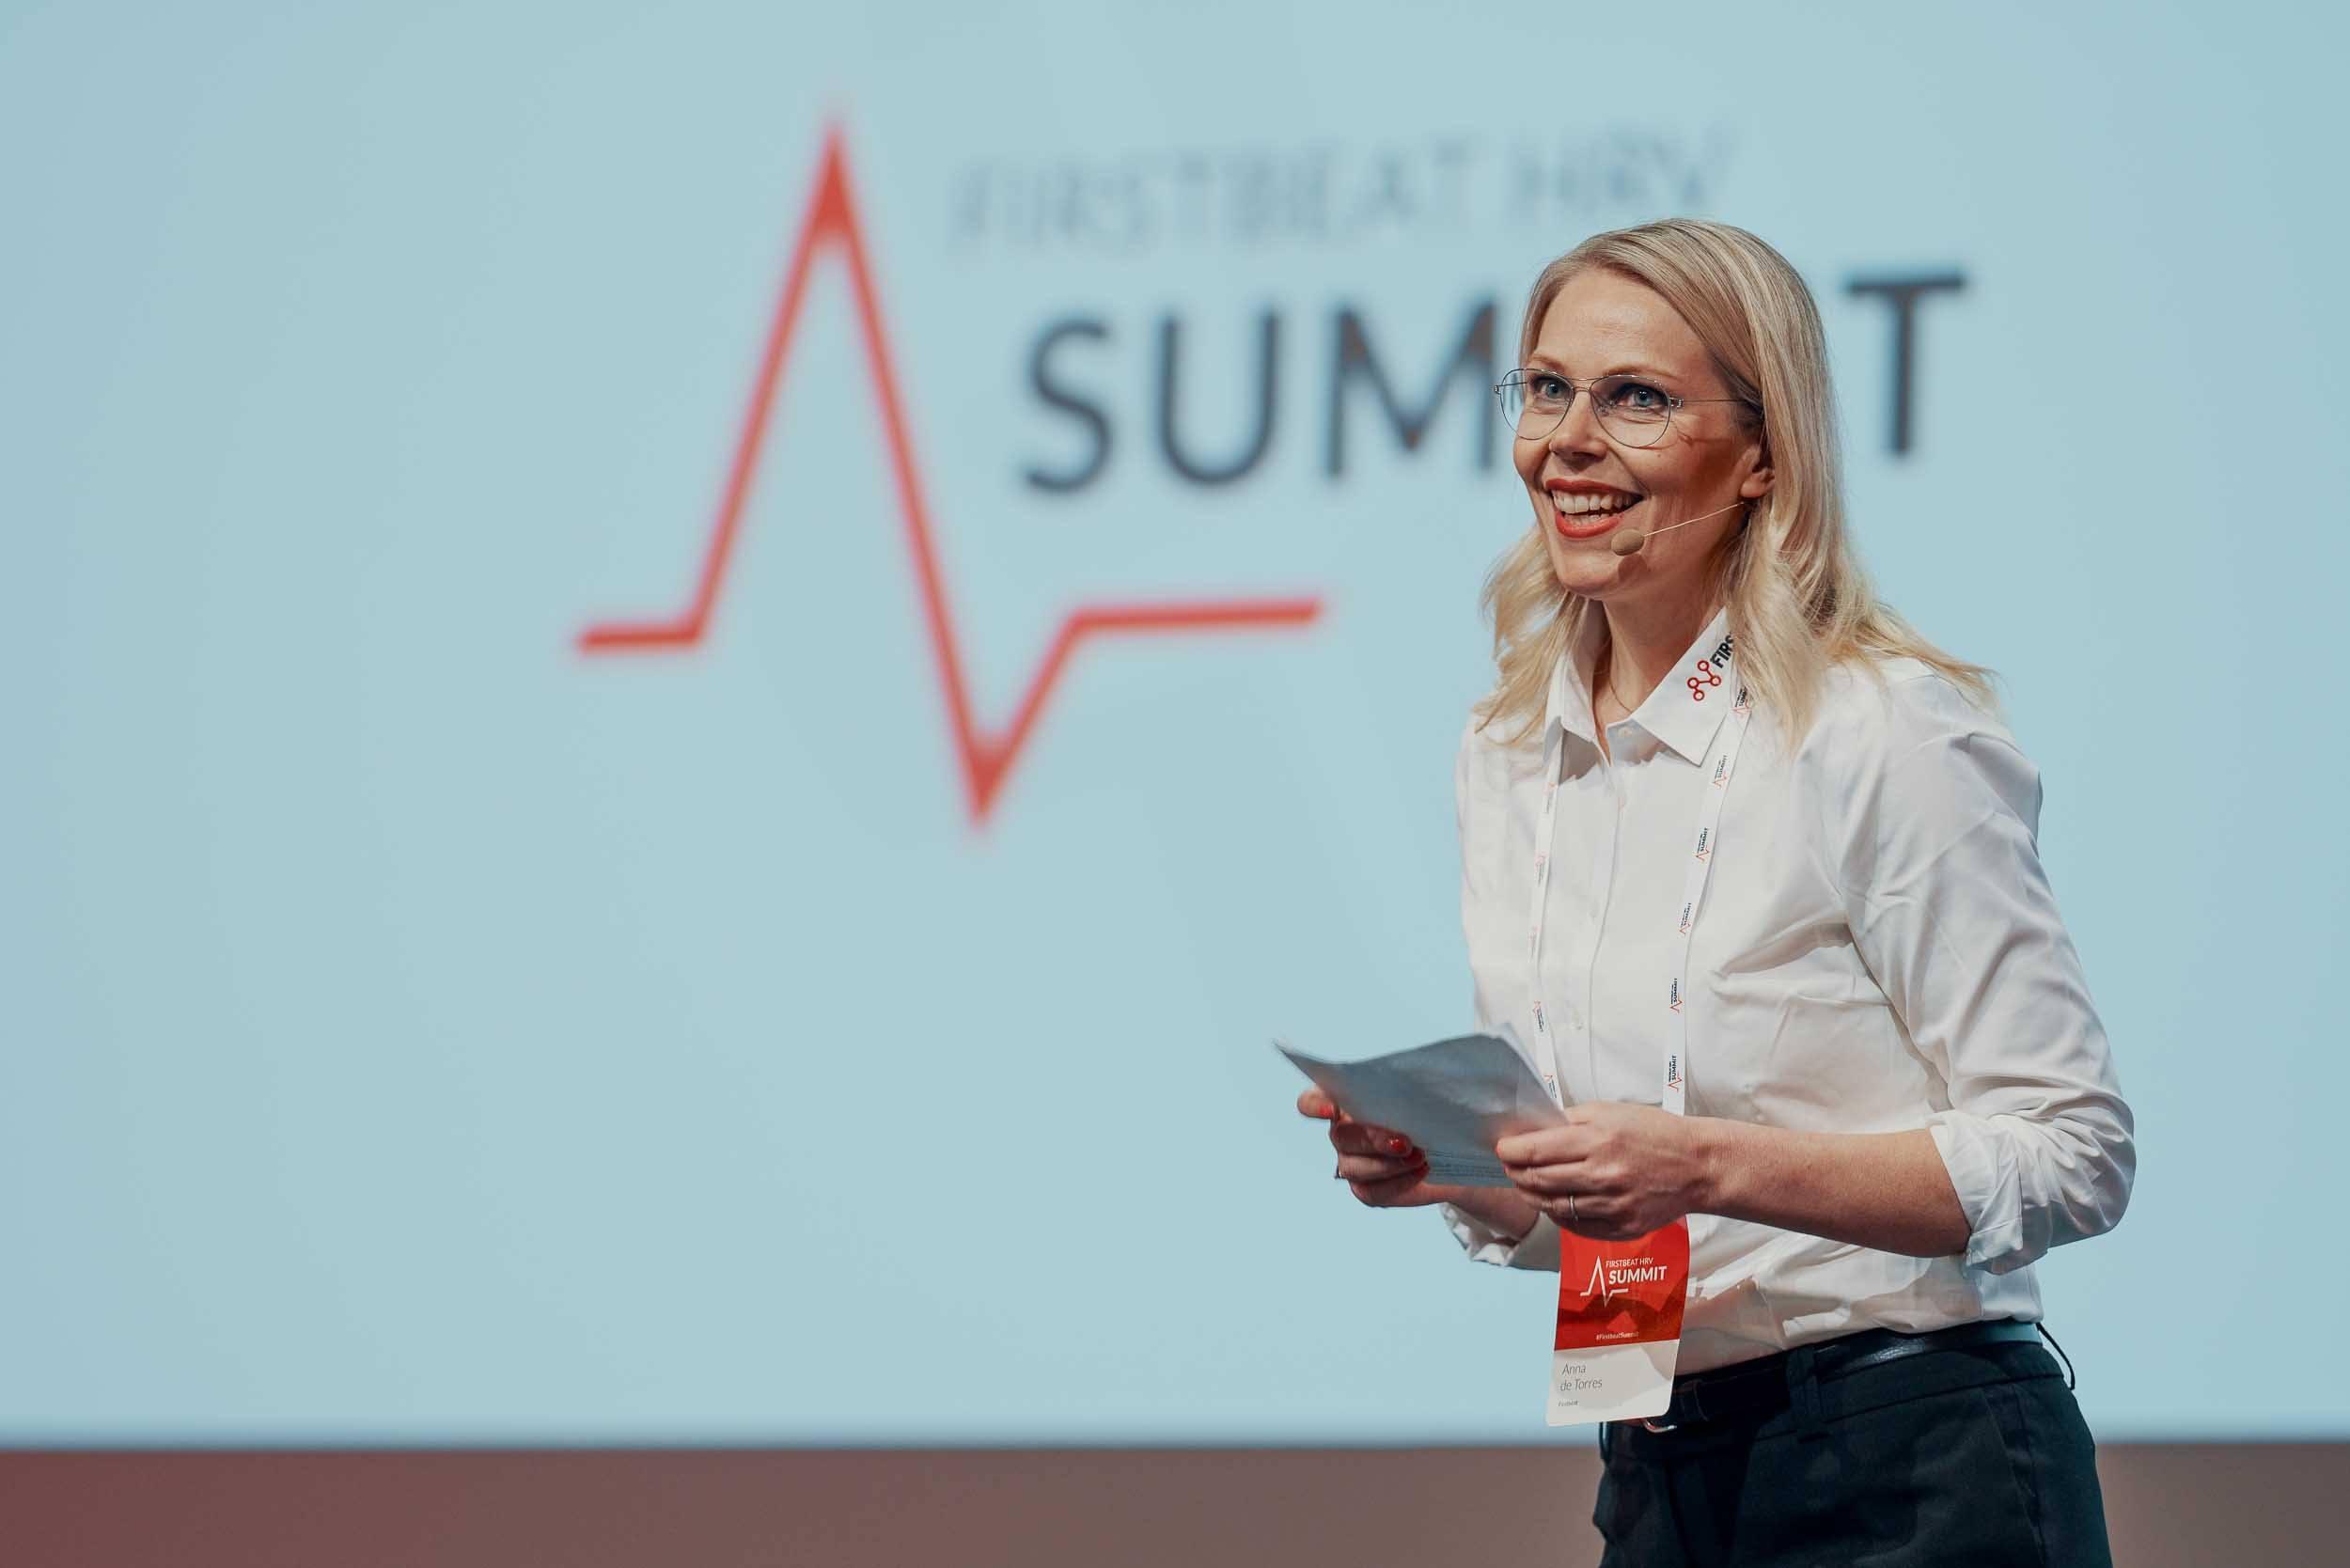 Anna de Torres, Marketing Director, Firstbeat